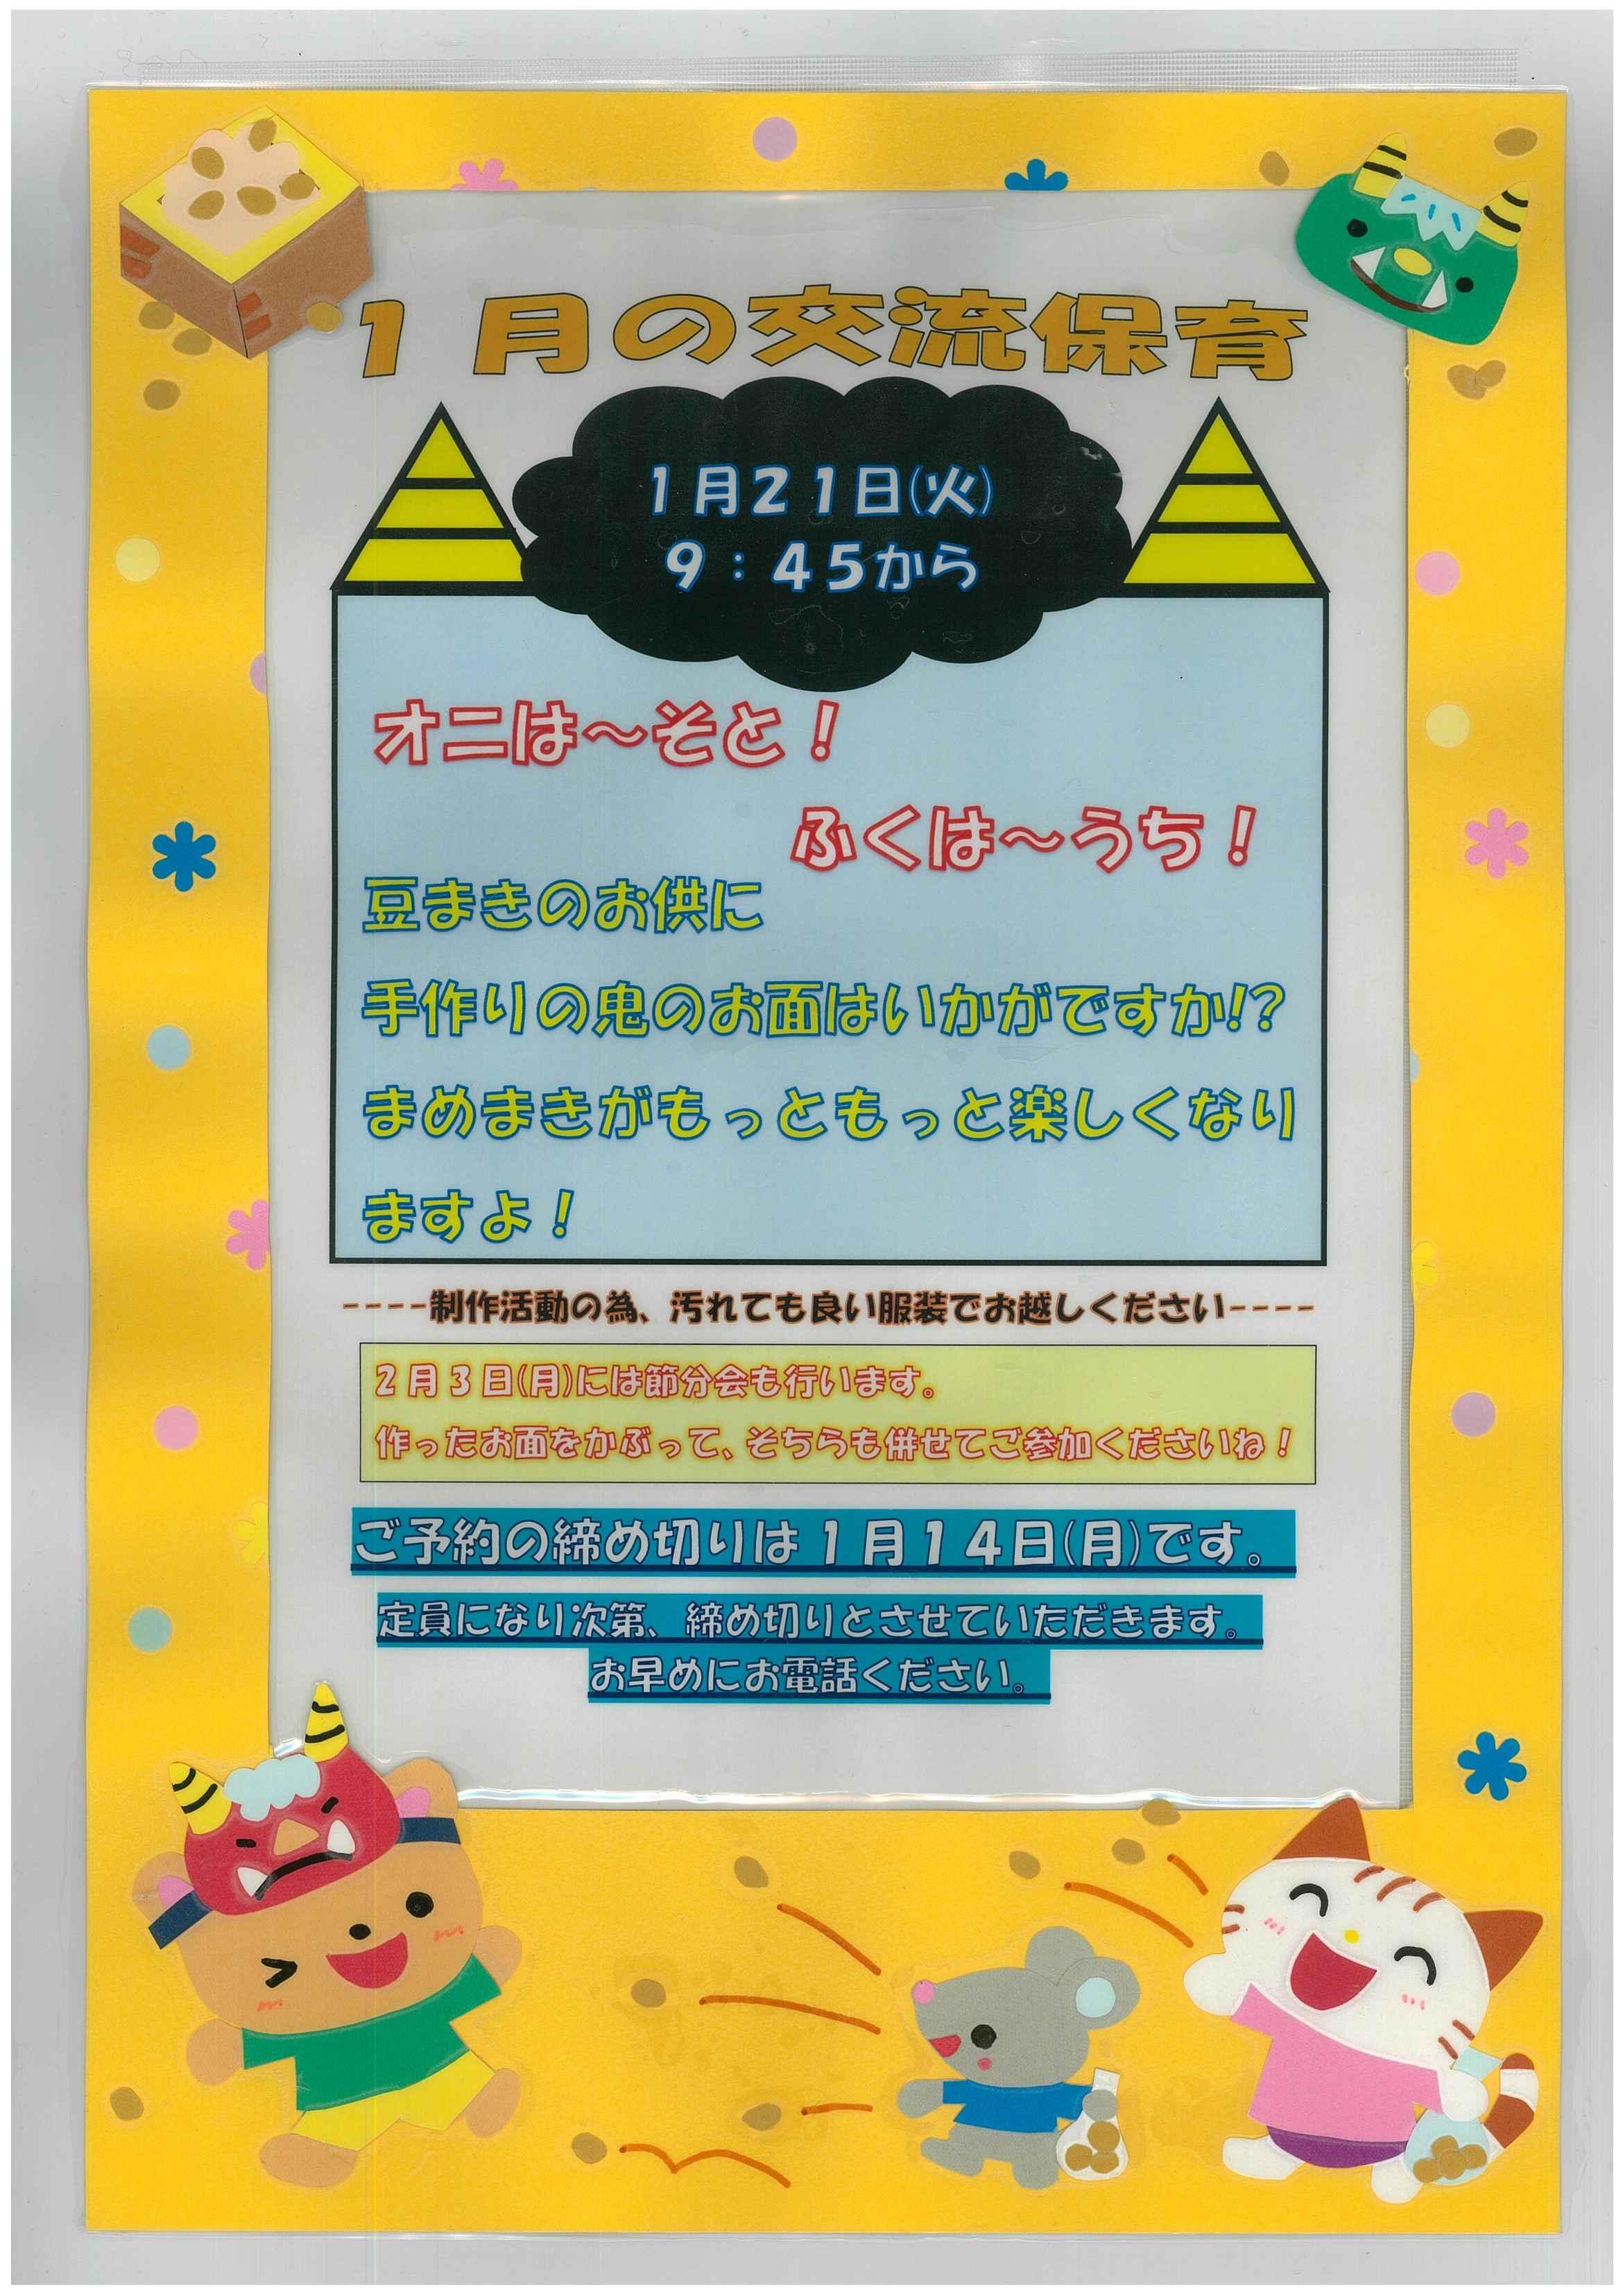 https://www.shopro.co.jp/hoiku/img/2019/12/5051162412201923570.jpg